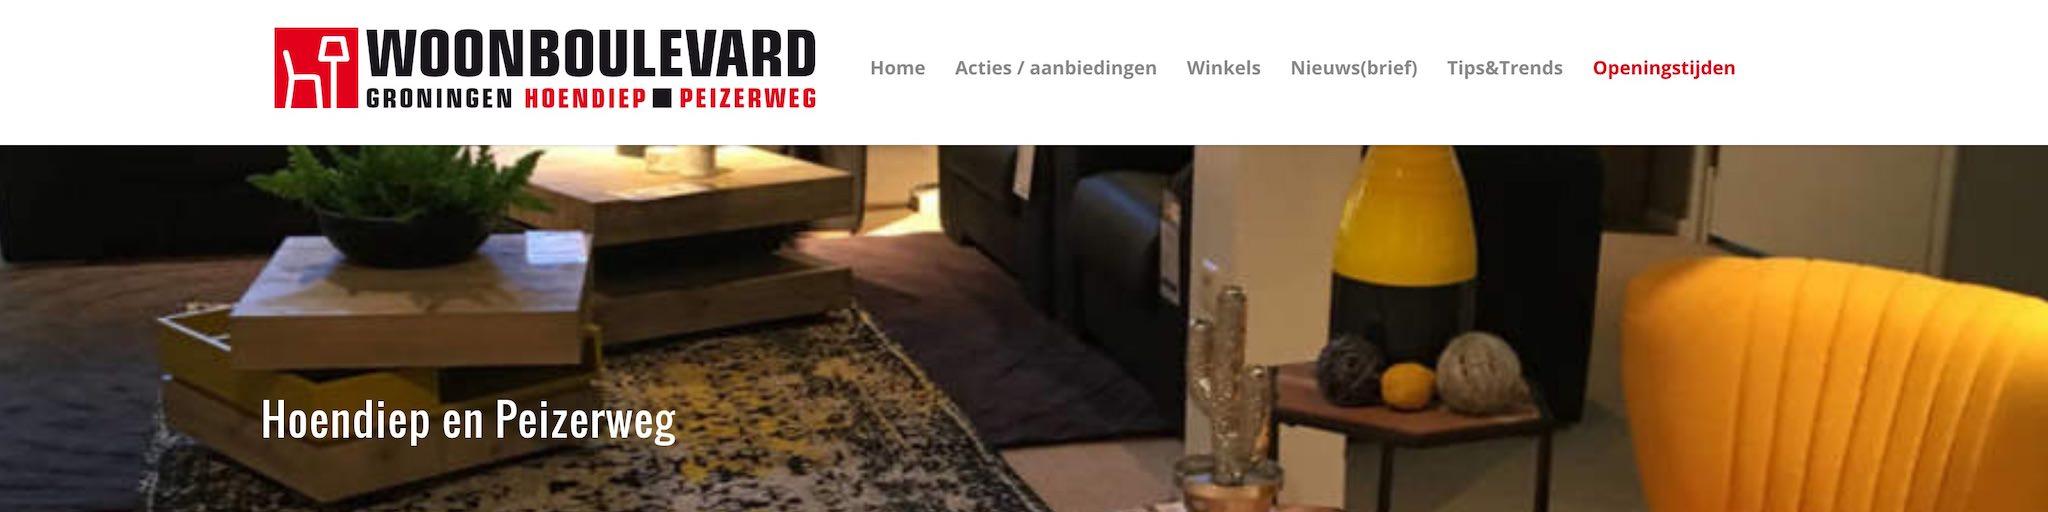 Groningen - Woonboulevard - Meubelboulevard